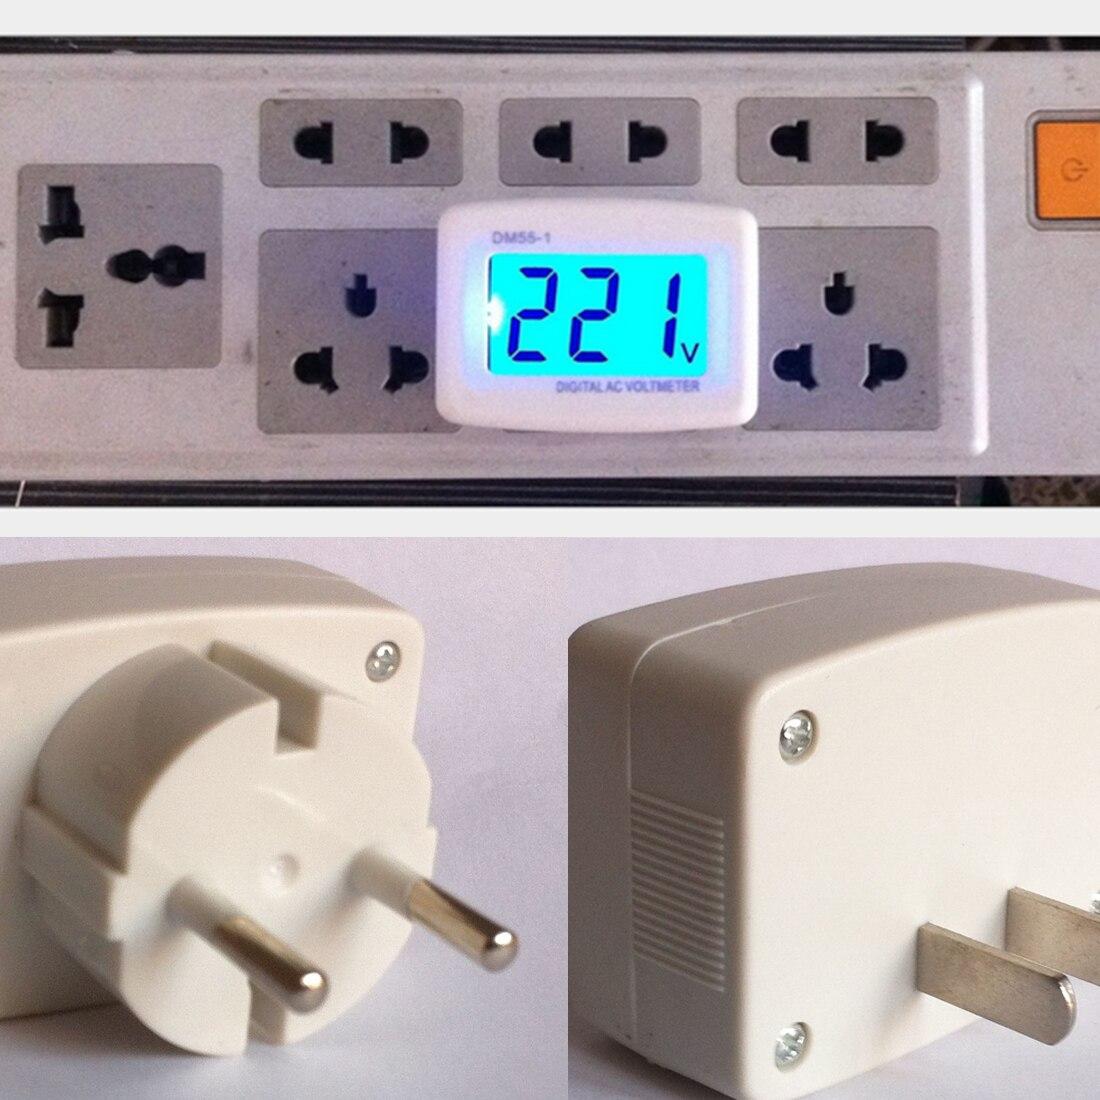 Voltage Tester 1PC LCD AC 110V 220V Digital Voltmeter Volt Monitor Household AC Panel Meter EU Plug 80-300V Blue Backlight